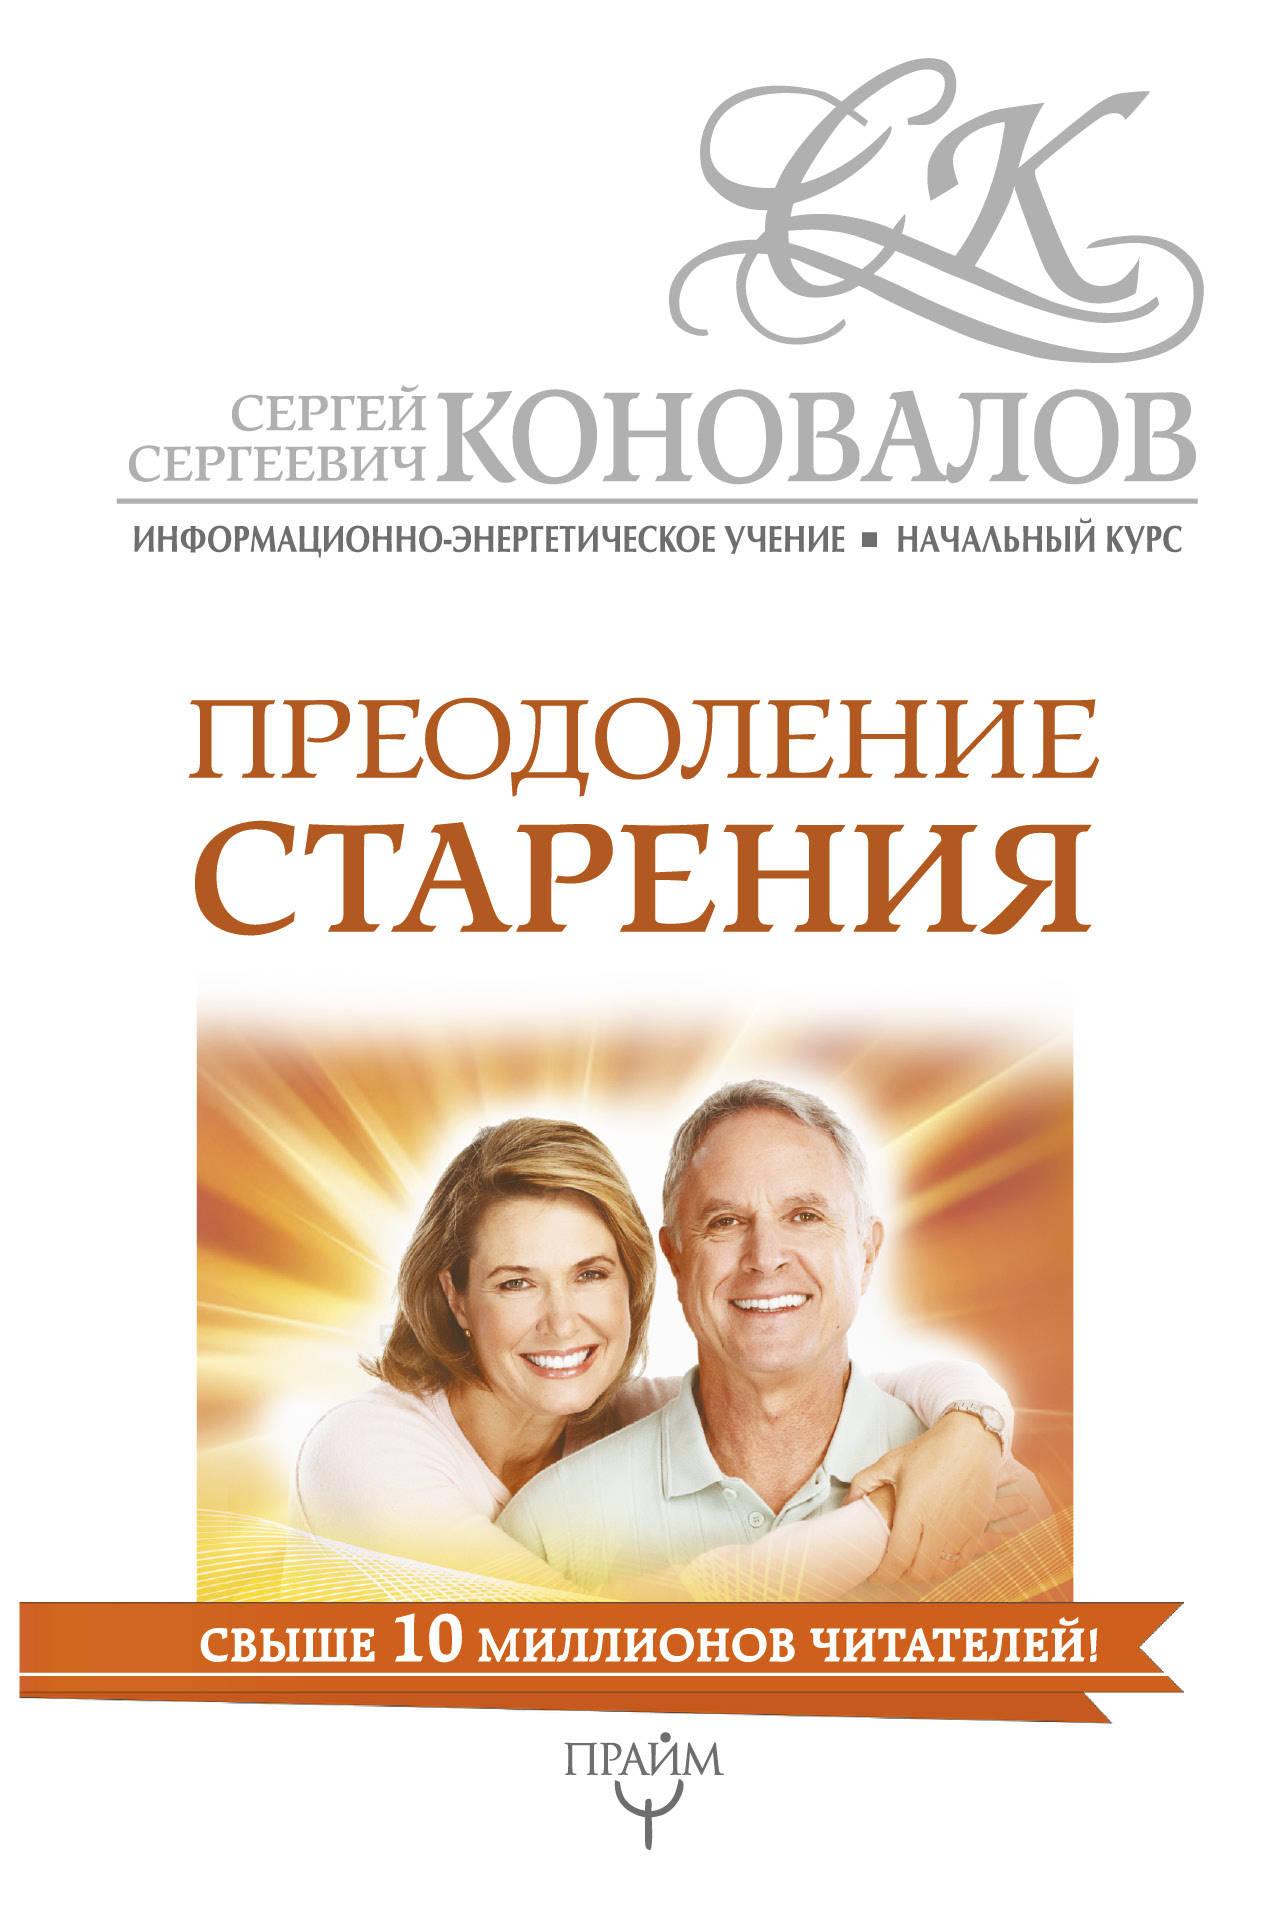 Преодоление старения. Информационно-энергетическое Учение. Начальный курс ( Сергей Коновалов  )